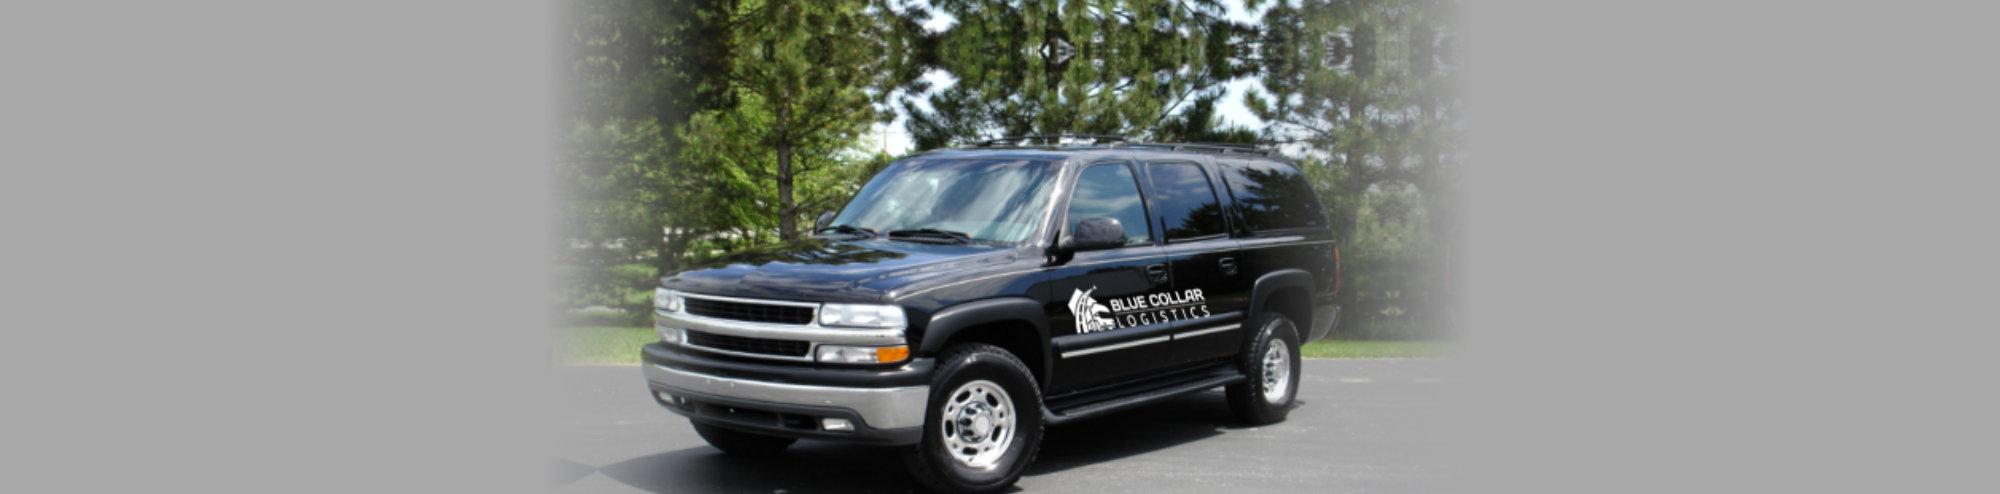 Passenger black Vans